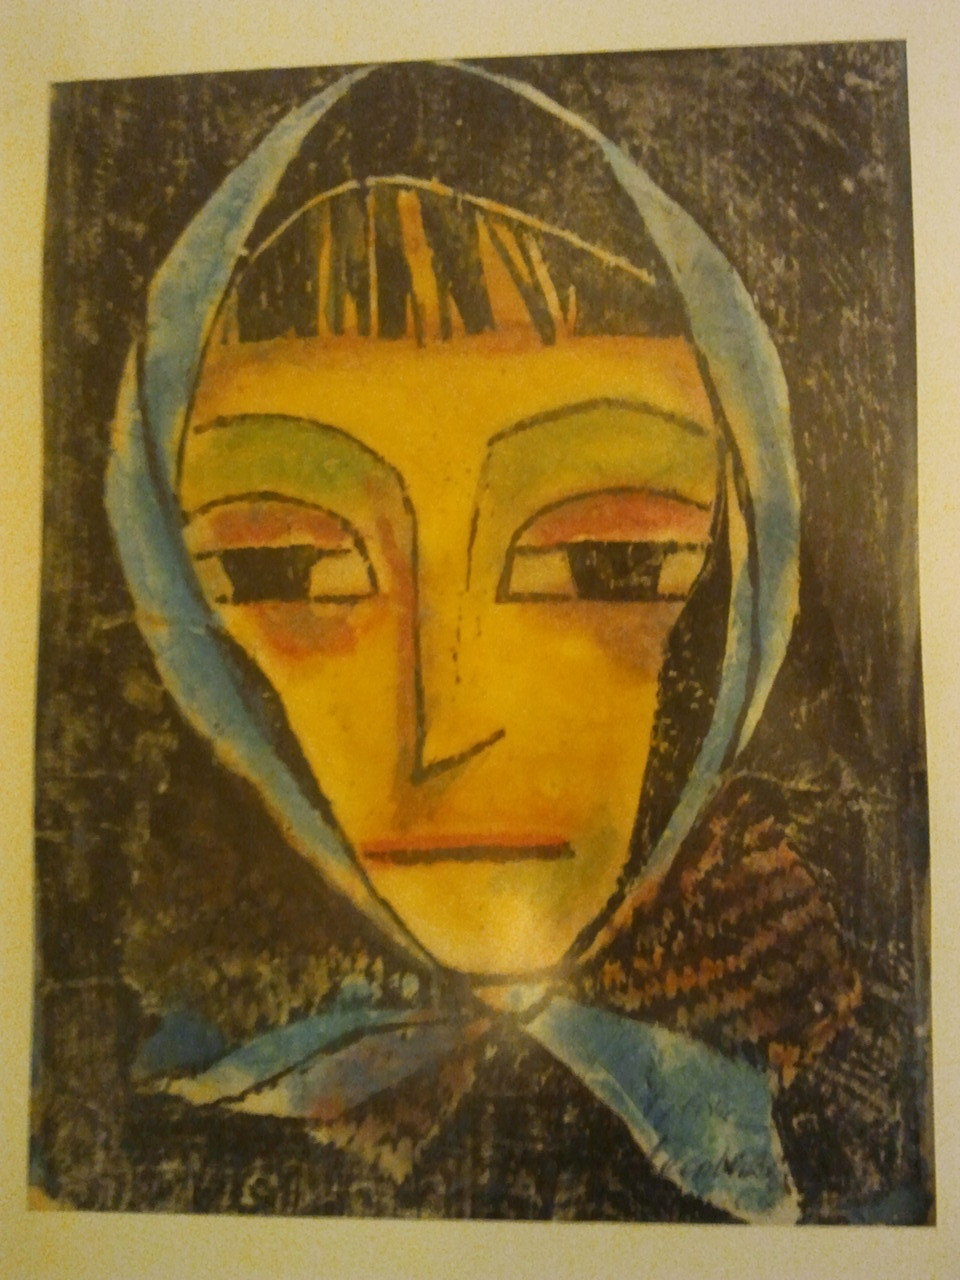 Die Frau mit dem Kopftuch, Druck - koloriert - Privatbesitz